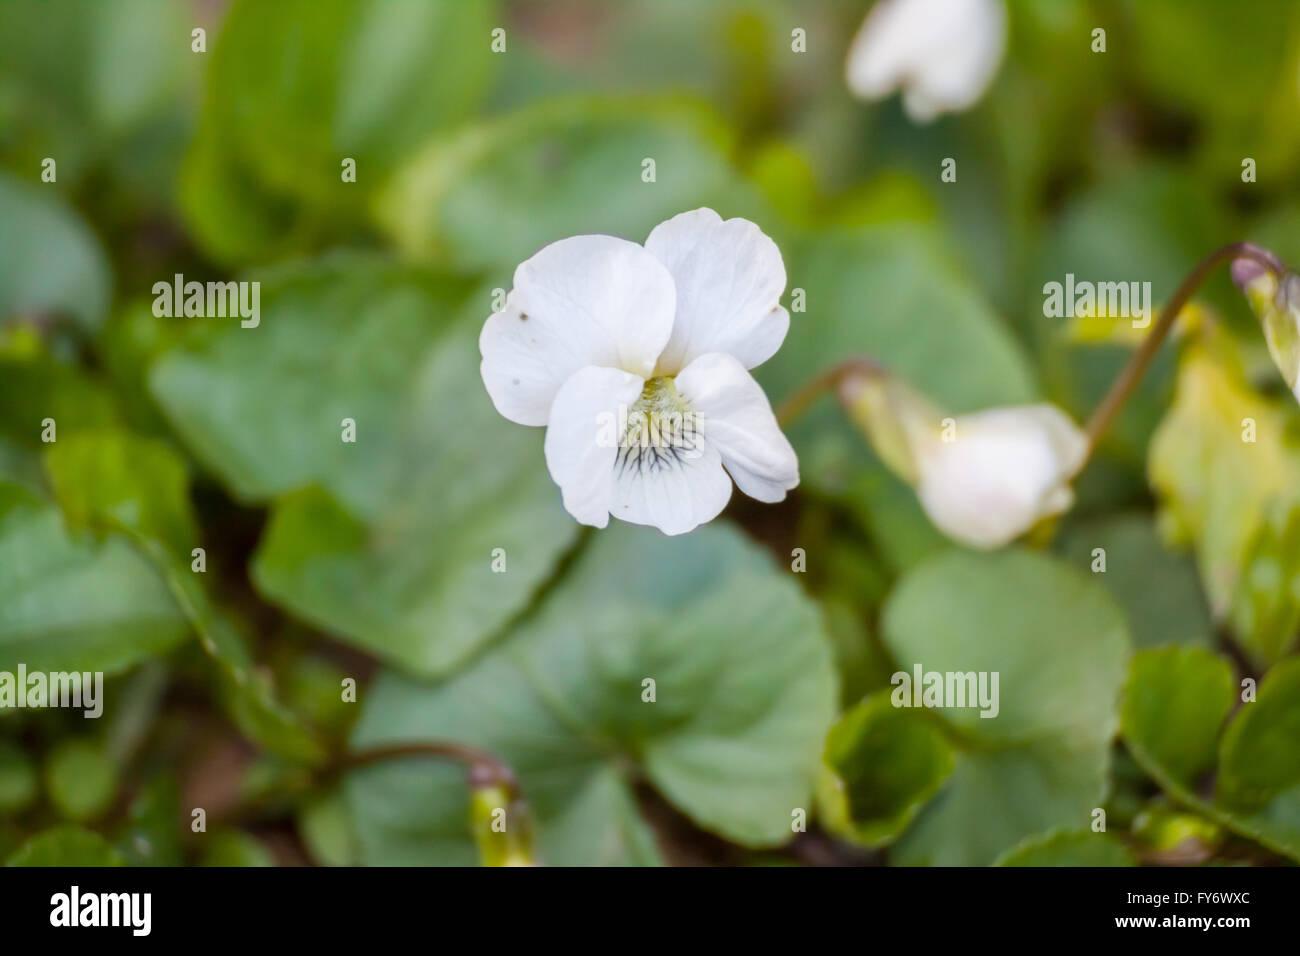 White violet (Viola alba) - Stock Image